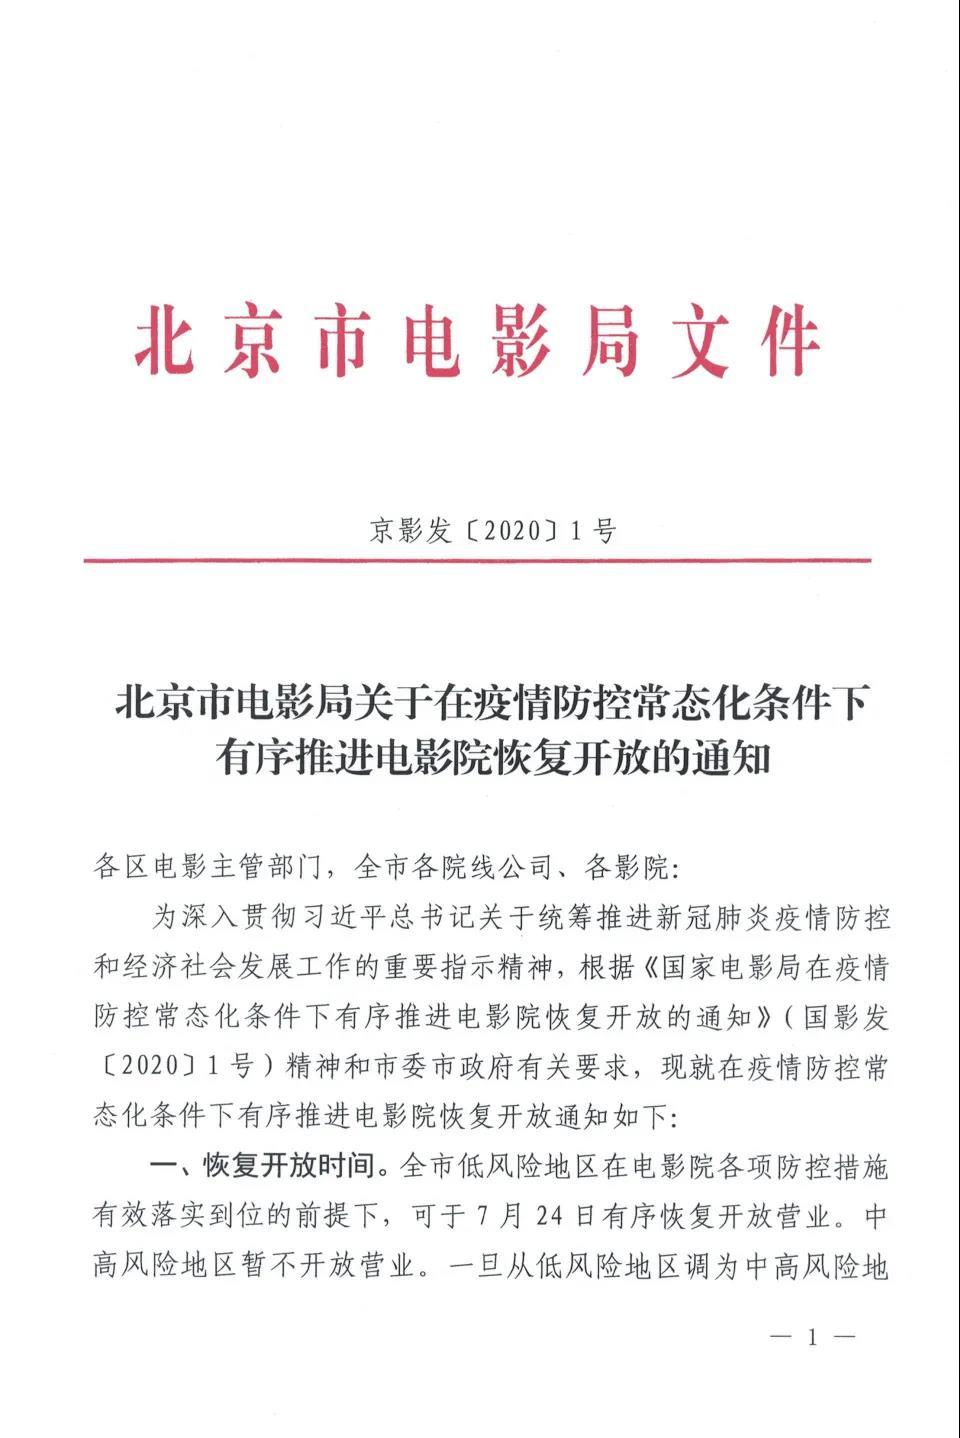 7月24日北京低风险地区影院有序恢复开放营业